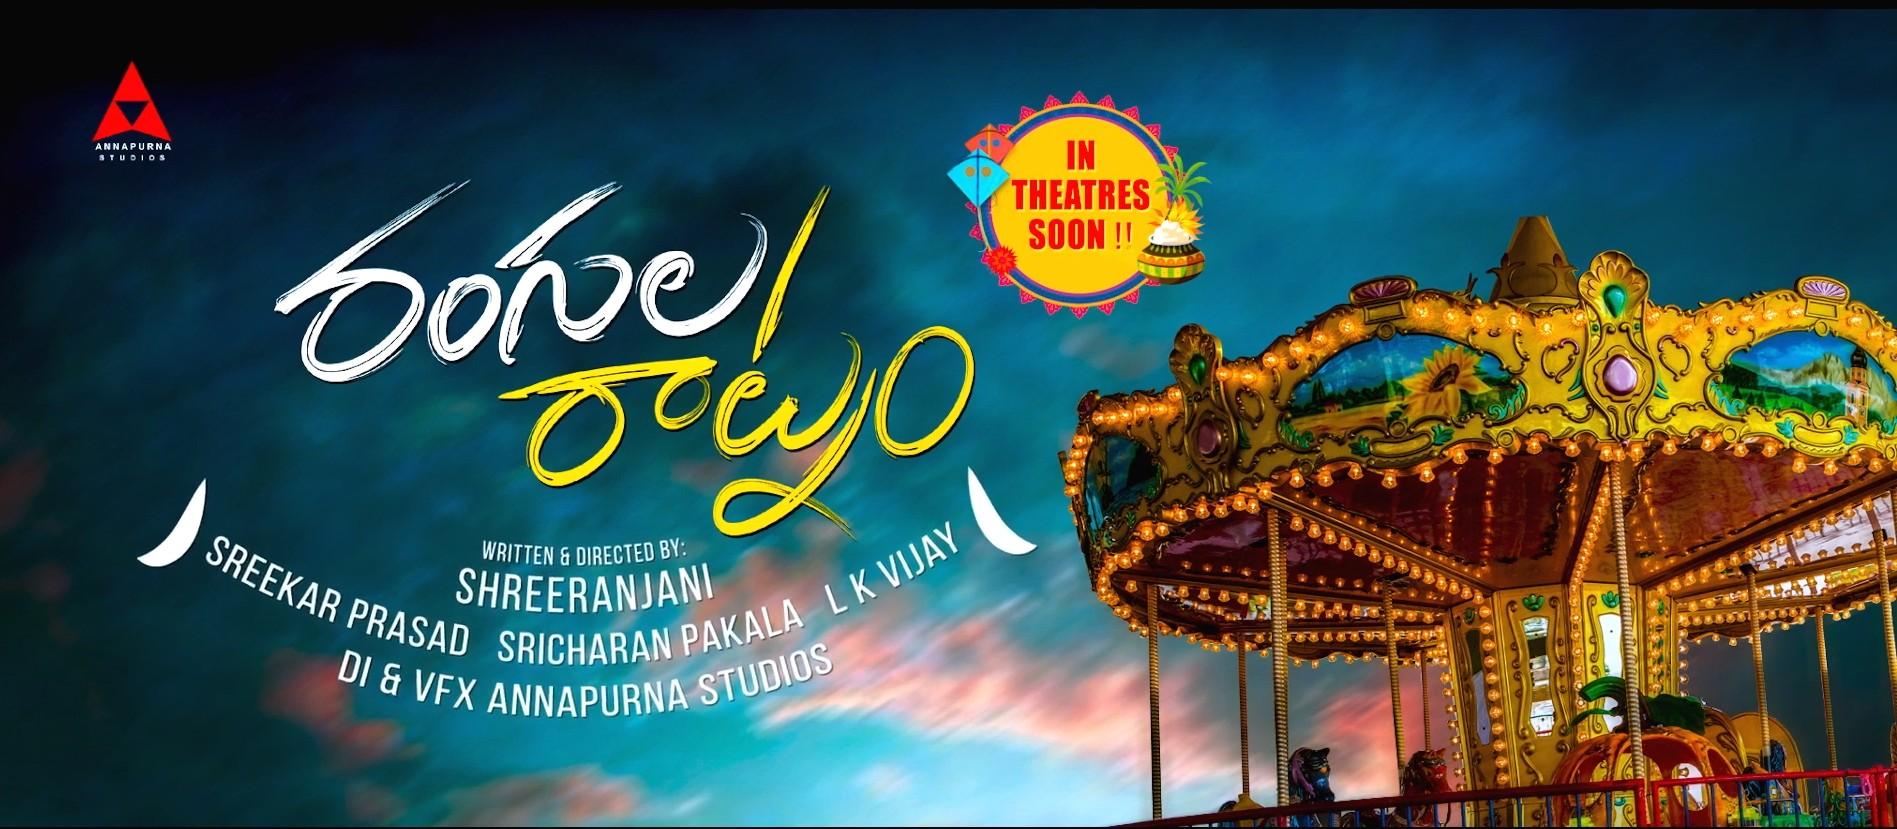 Srimanthudu Ultra Hd All Posters Wallpapers: Raj Tarun Rangula Raatnam Movie First Look ULTRA HD